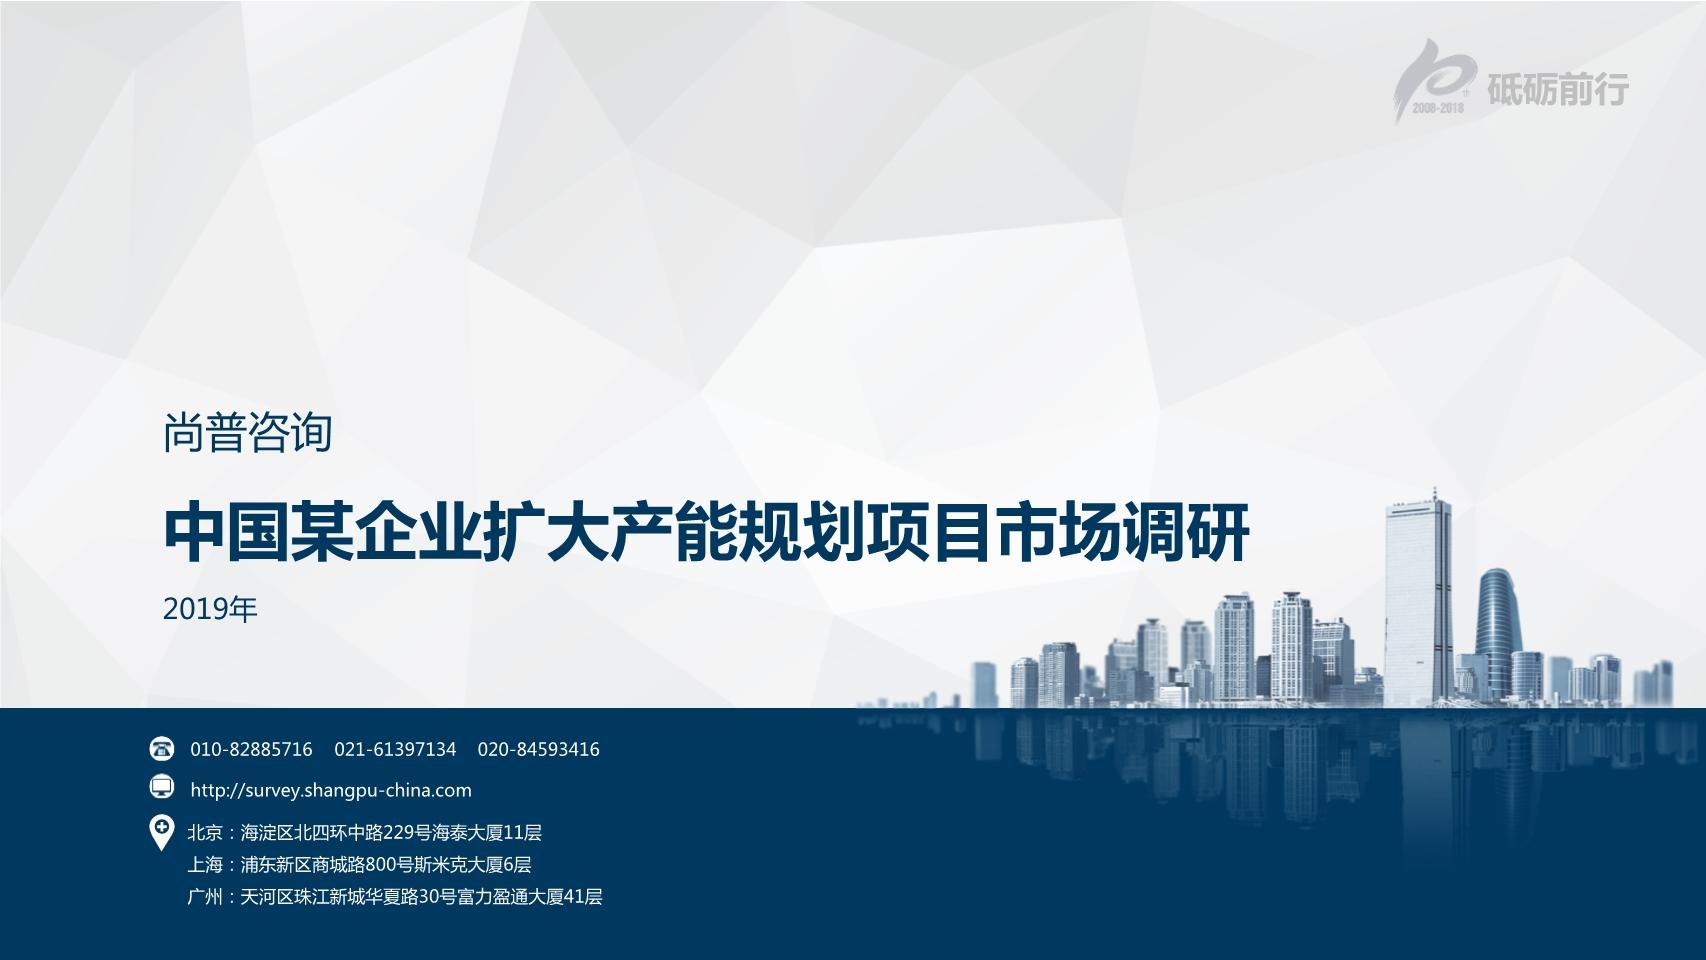 尚普咨询-中国某企业扩大产能规划项目市场调研